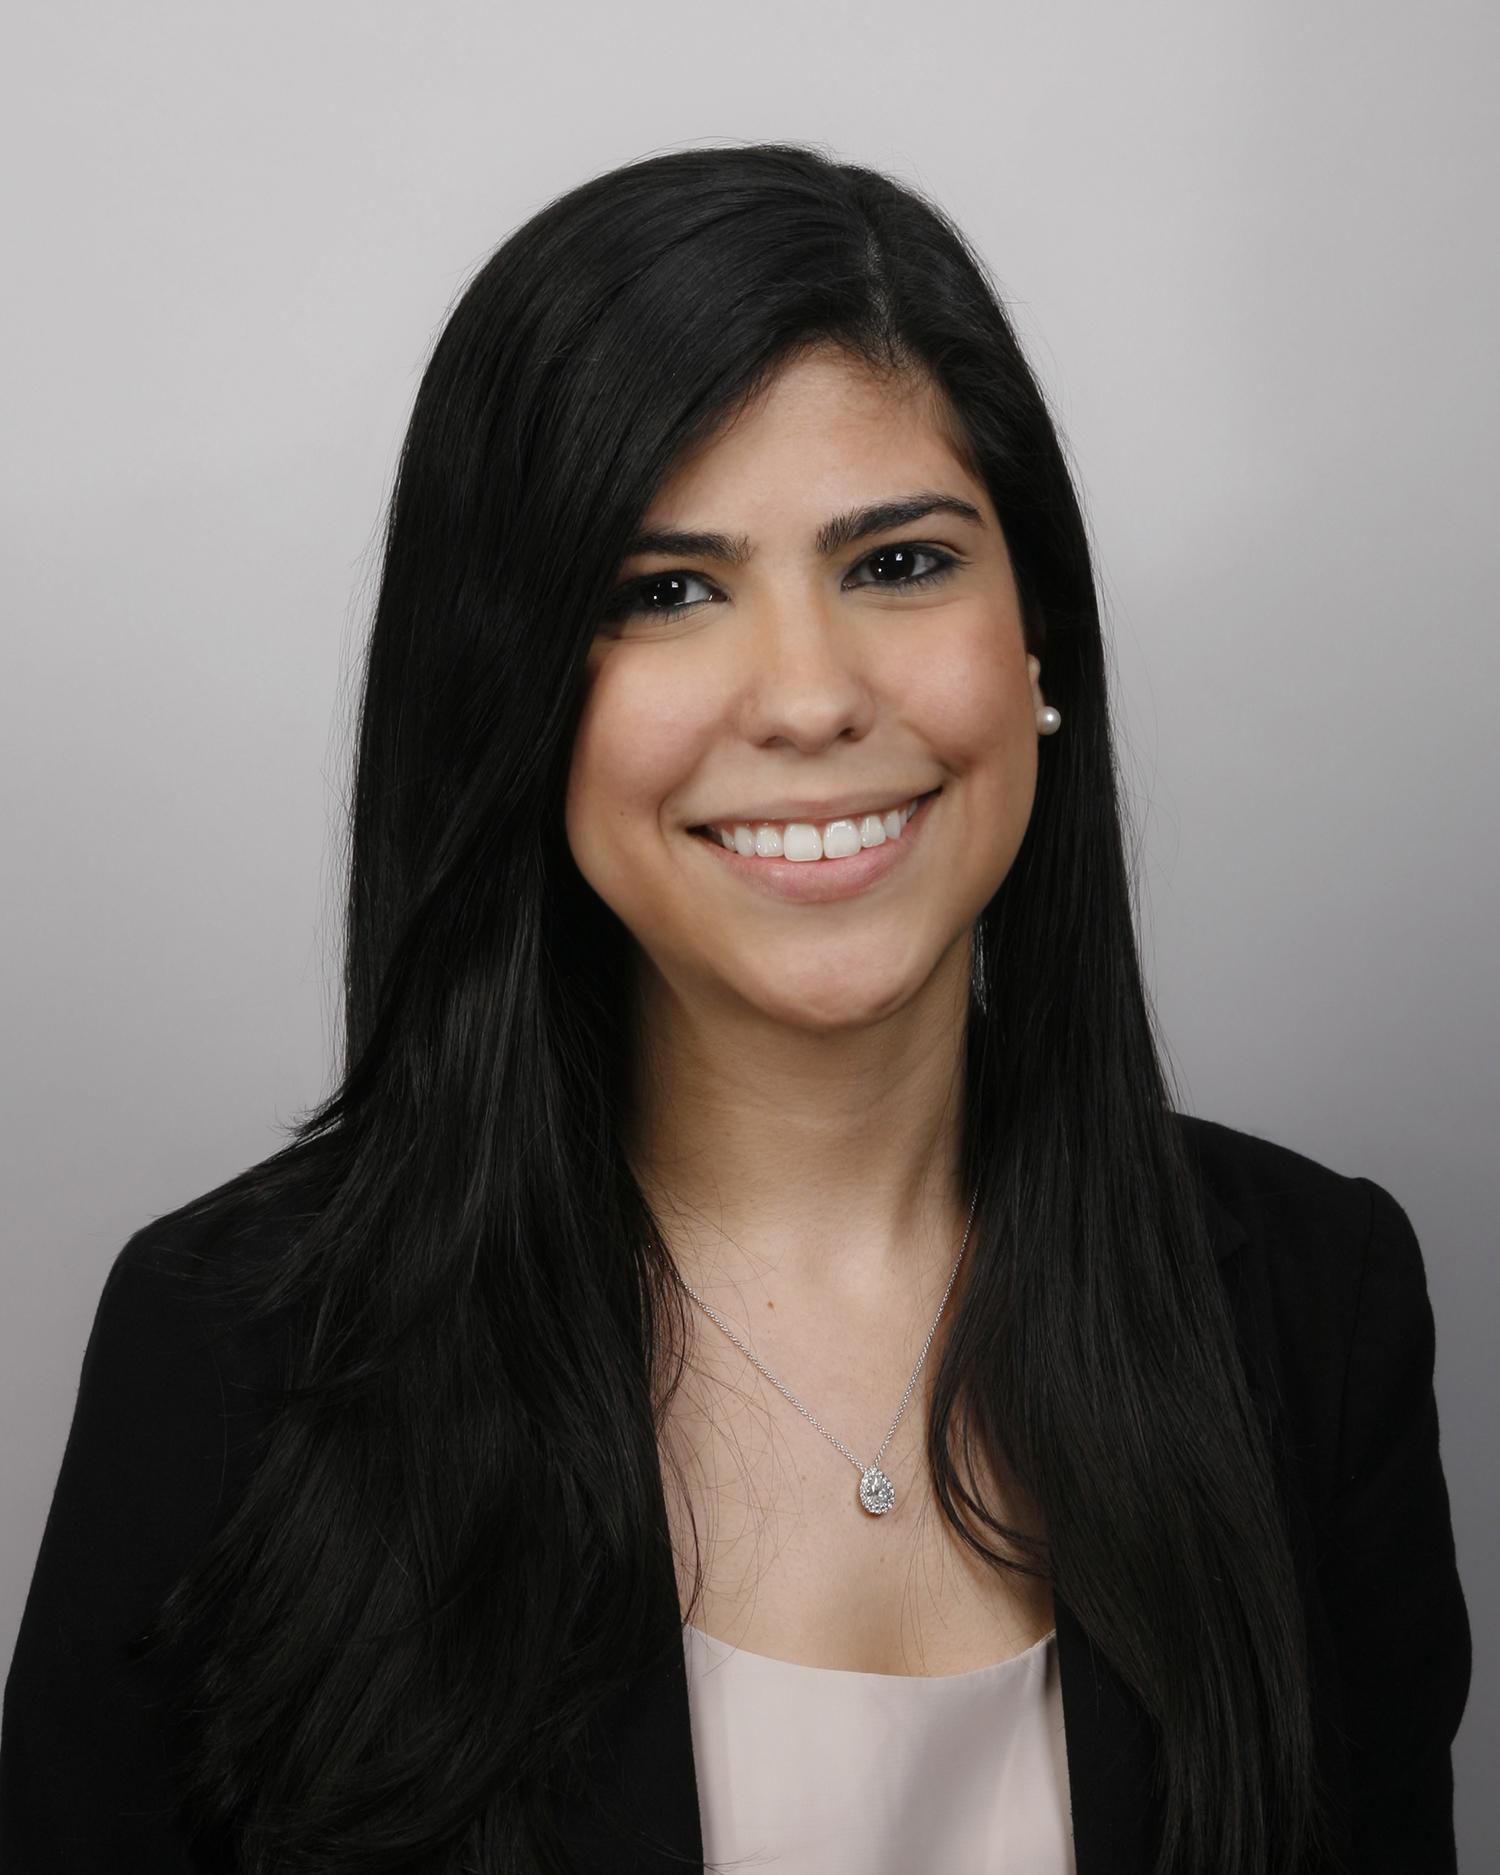 Cynthia Del Pozo